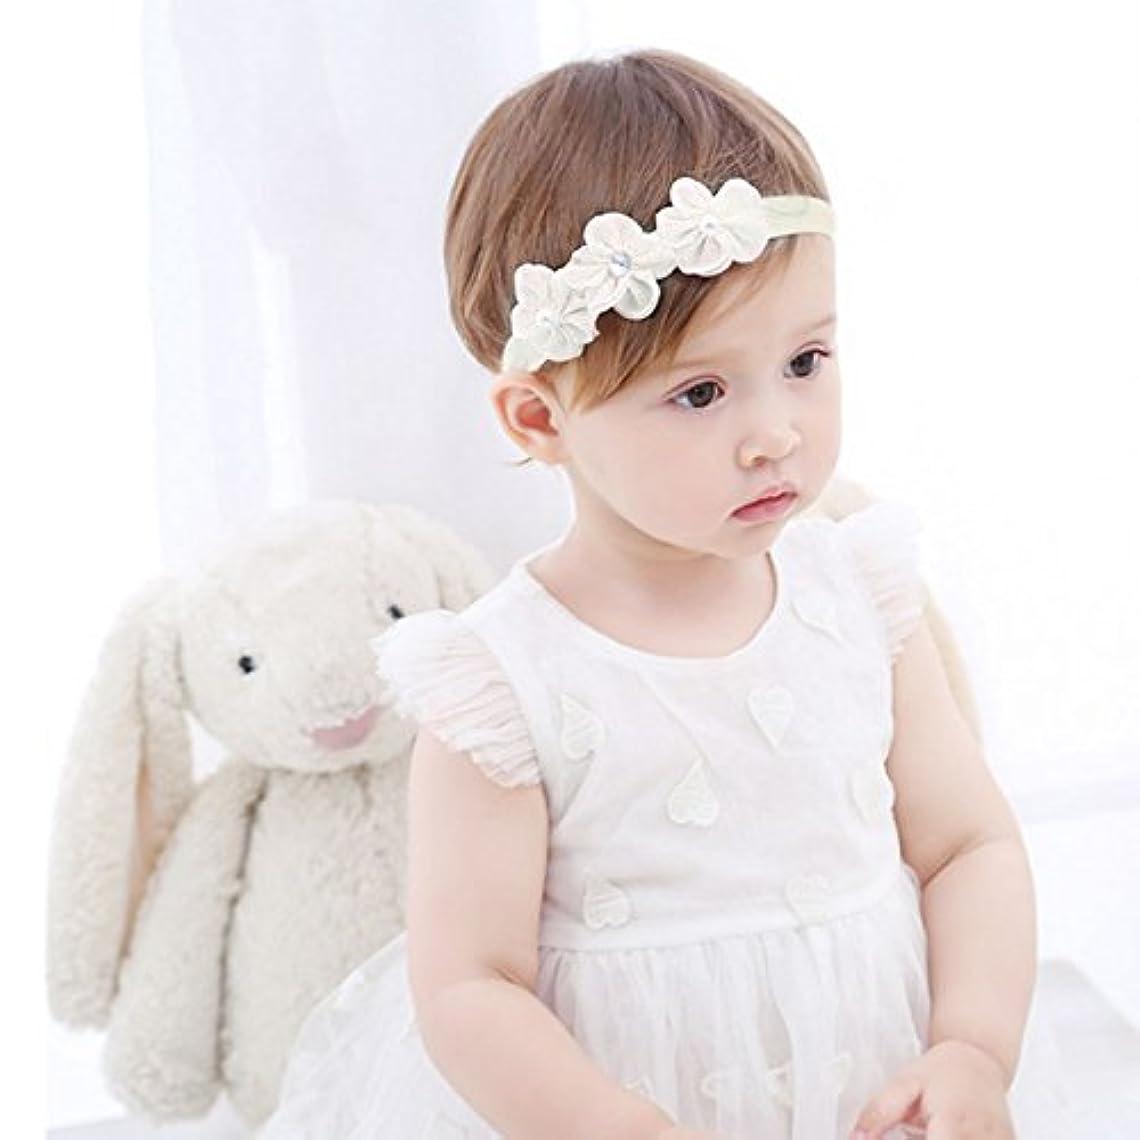 交通渋滞ステージ尊敬Refaxi 子供の赤ちゃんかわいい幼児のレースの花のヘアバンドヘッドウェアヘッドバンドアクセサリー